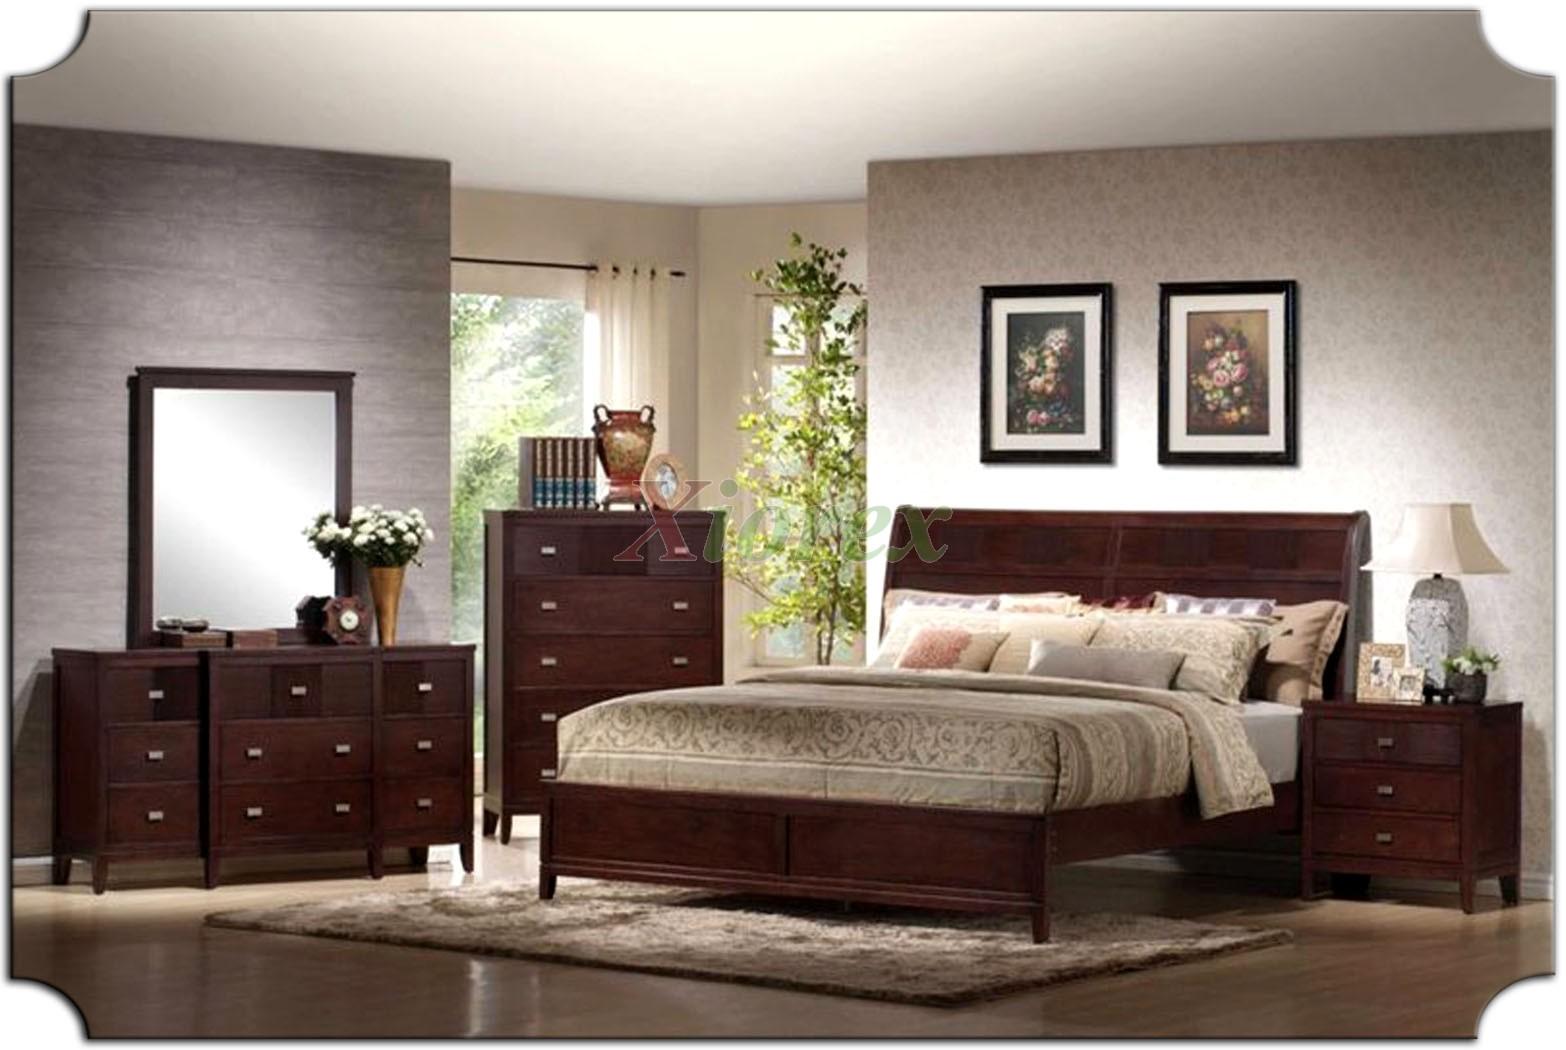 Bedroom Furniture Sets Furniture Sets - 1 KEZUOMW